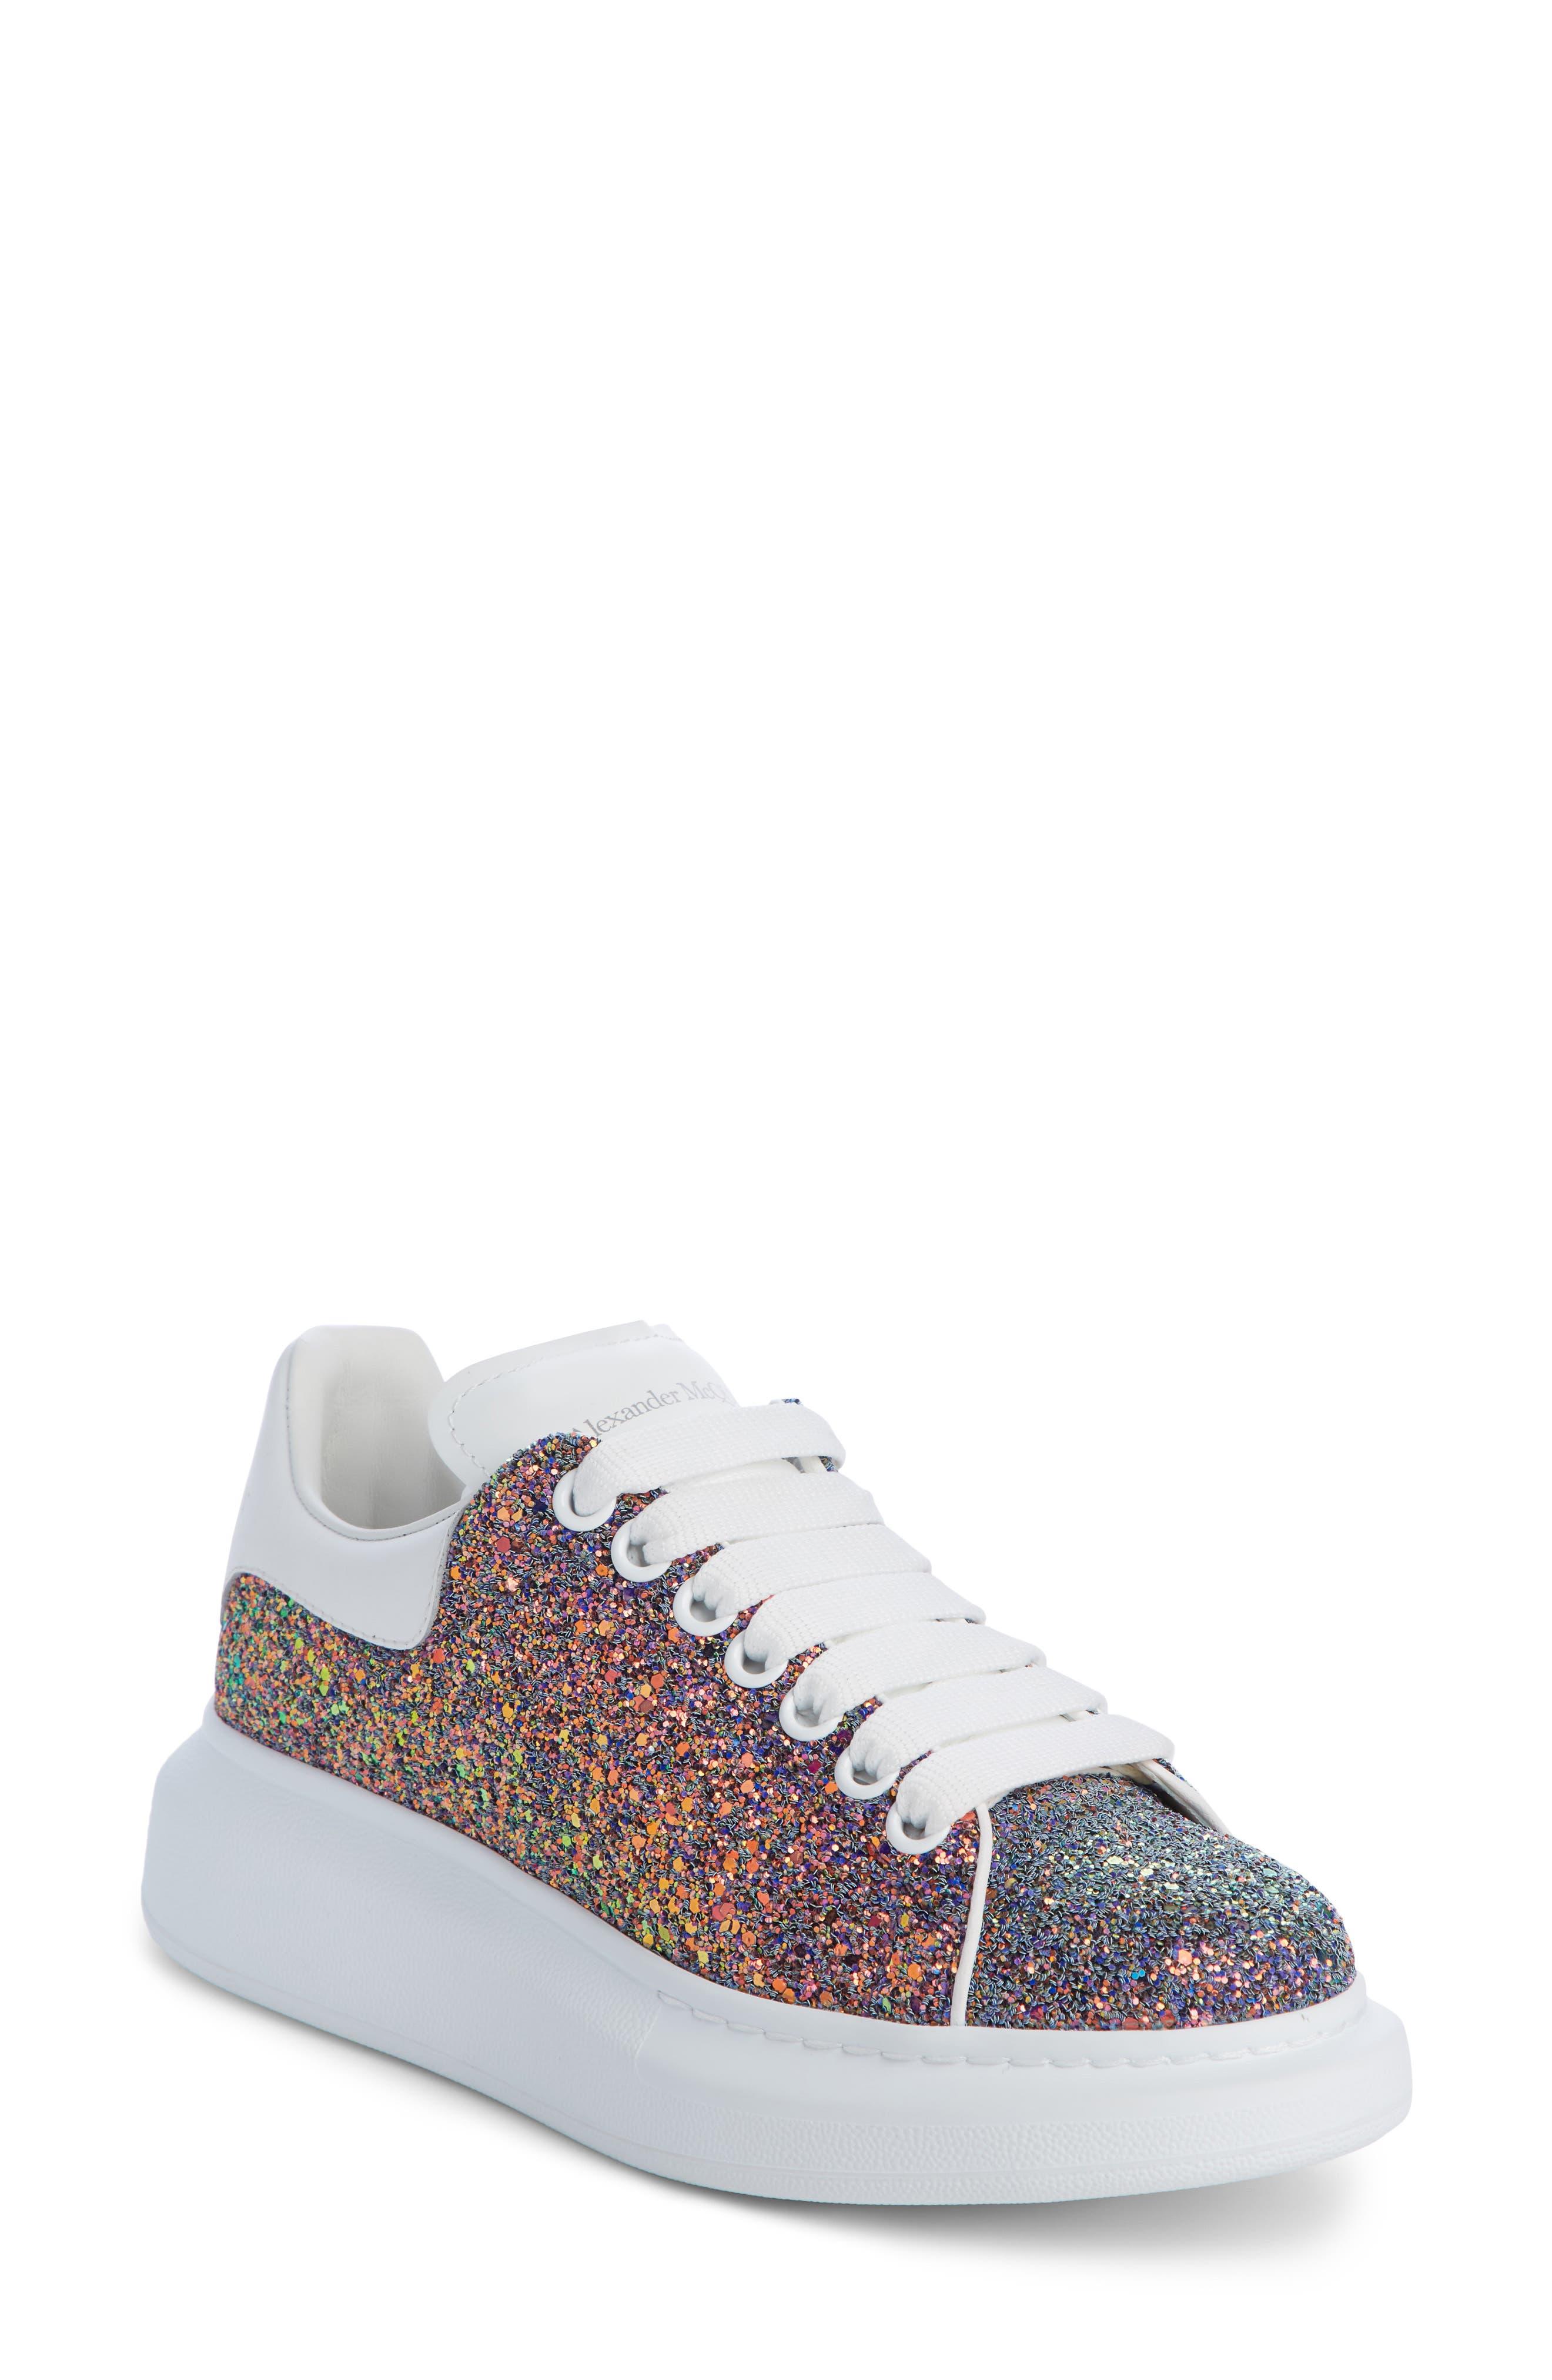 723008fa9 Alexander McQueen- Shoes